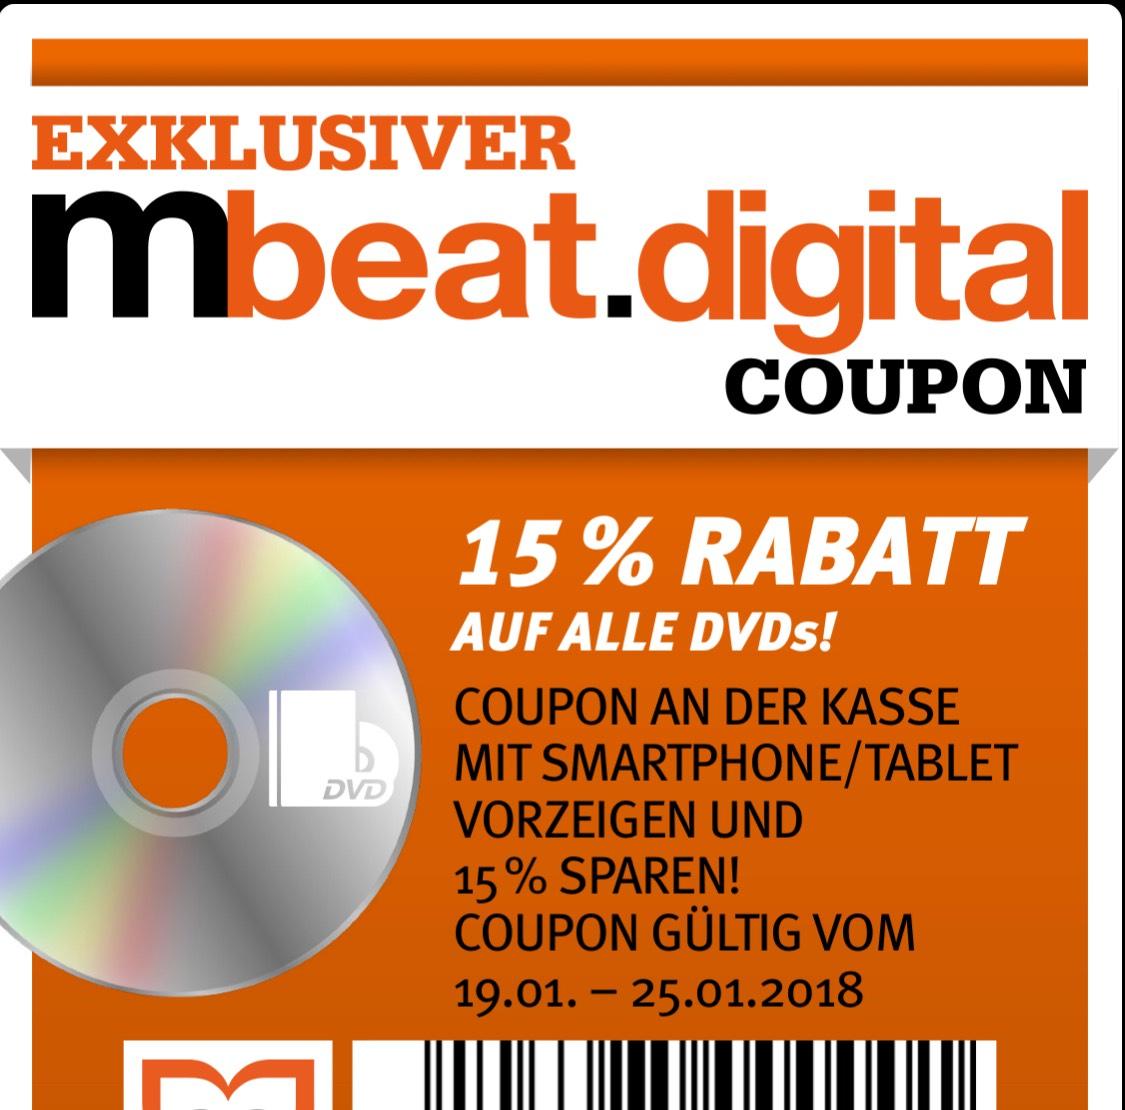 15% Rabatt auf alle DVDs! @ Müller (Drogeriemarkt)